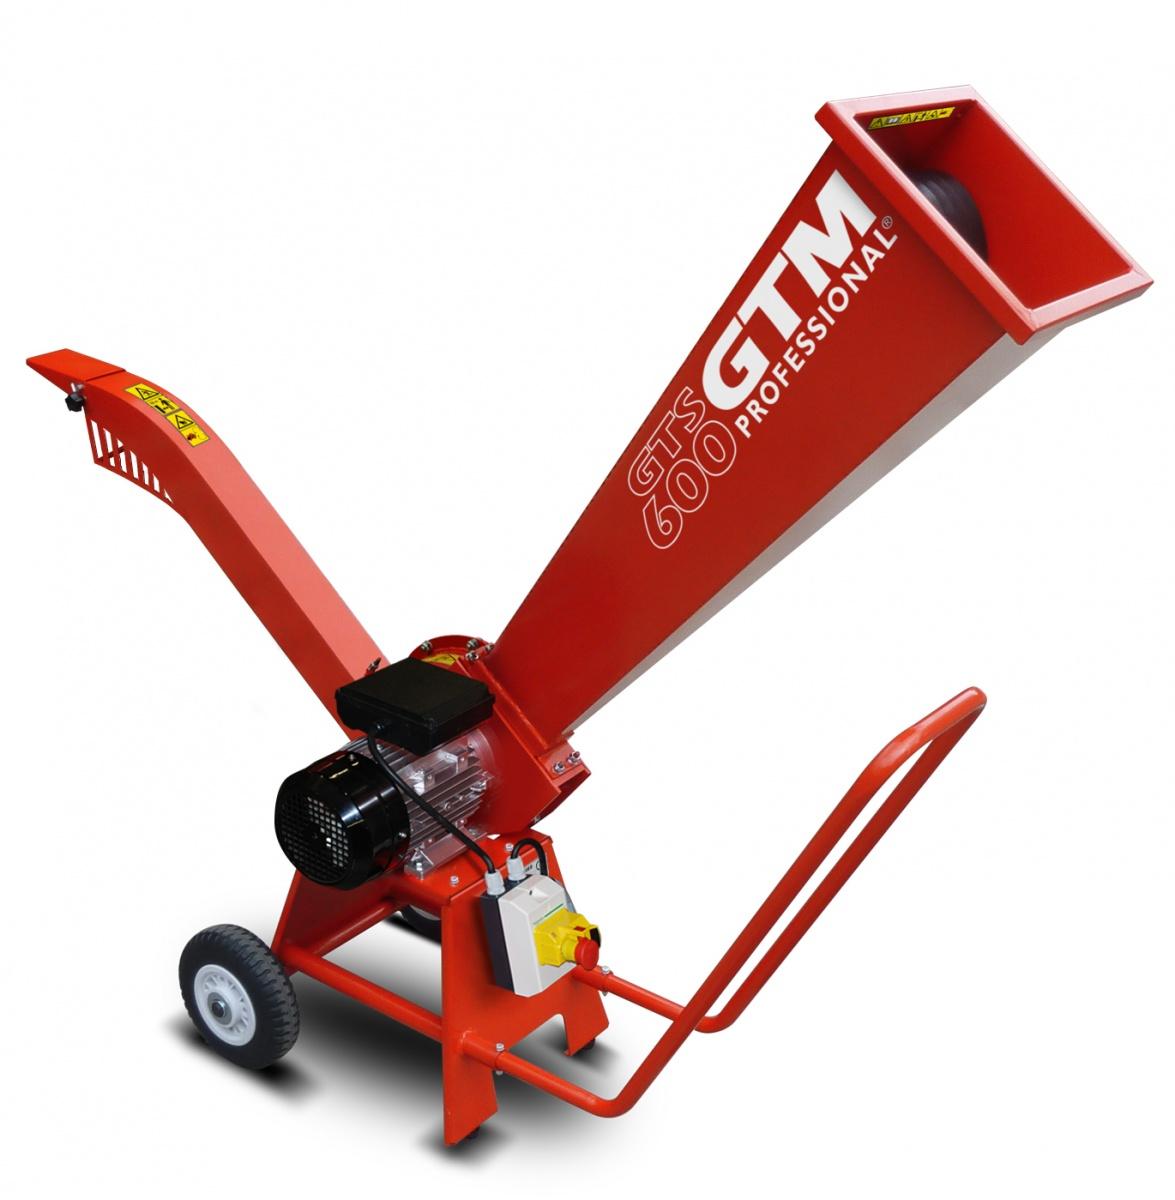 GTS 600 E